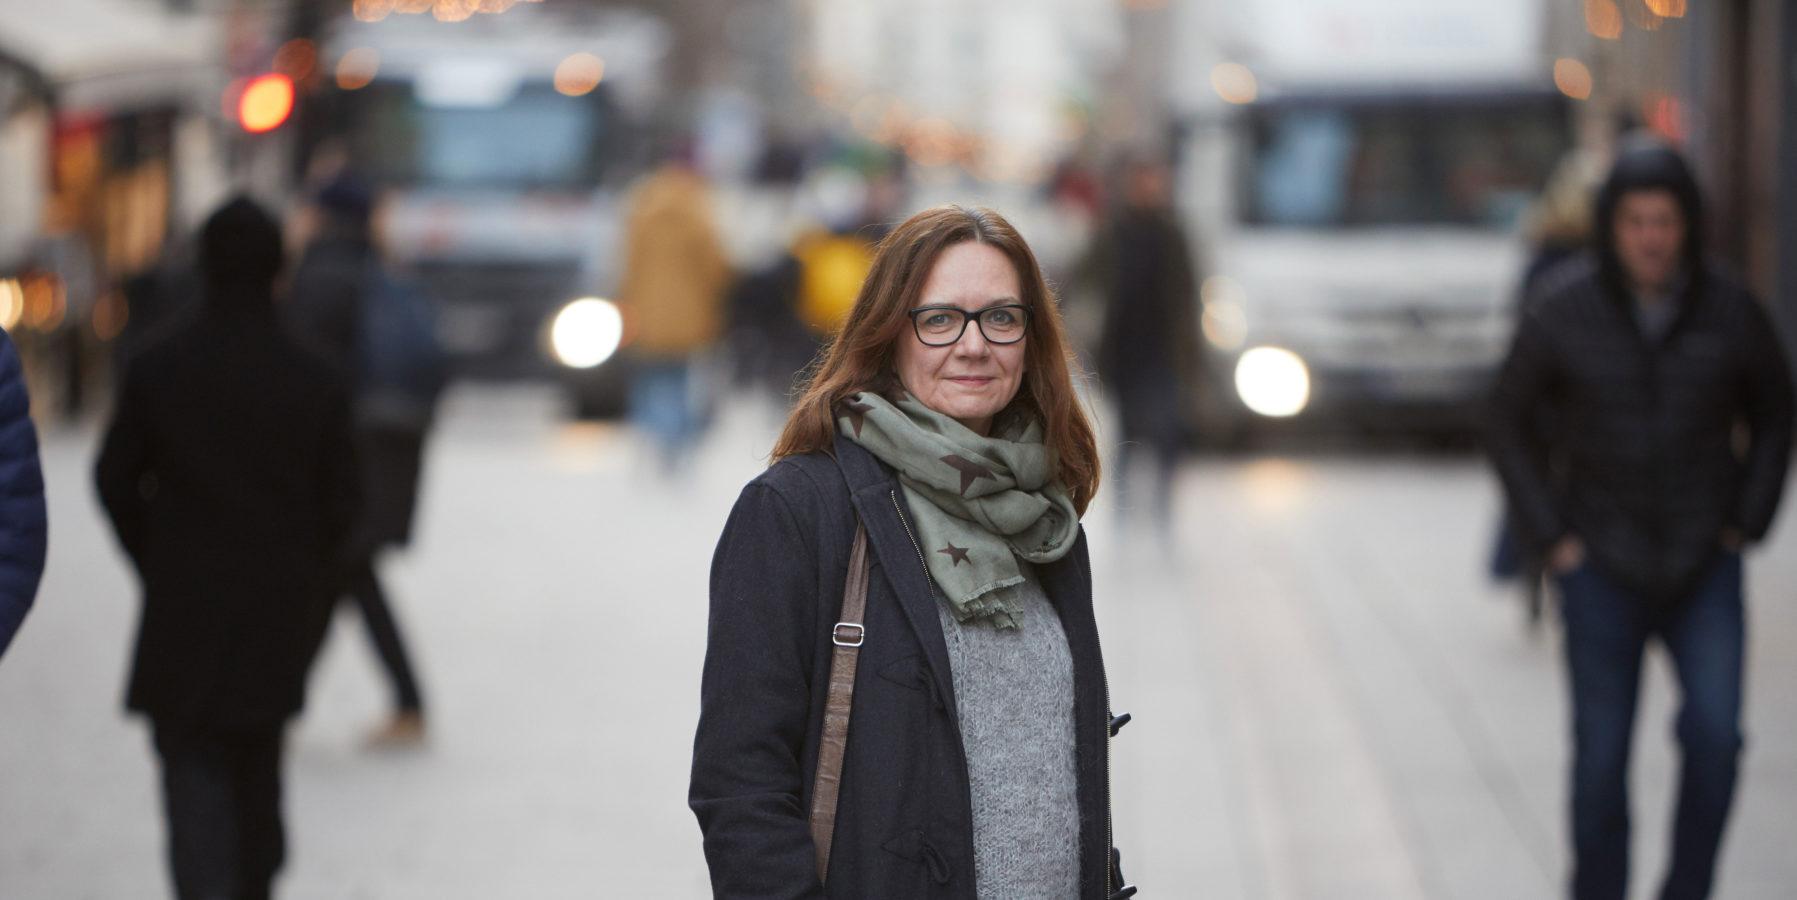 En kvinne står alene på gata.